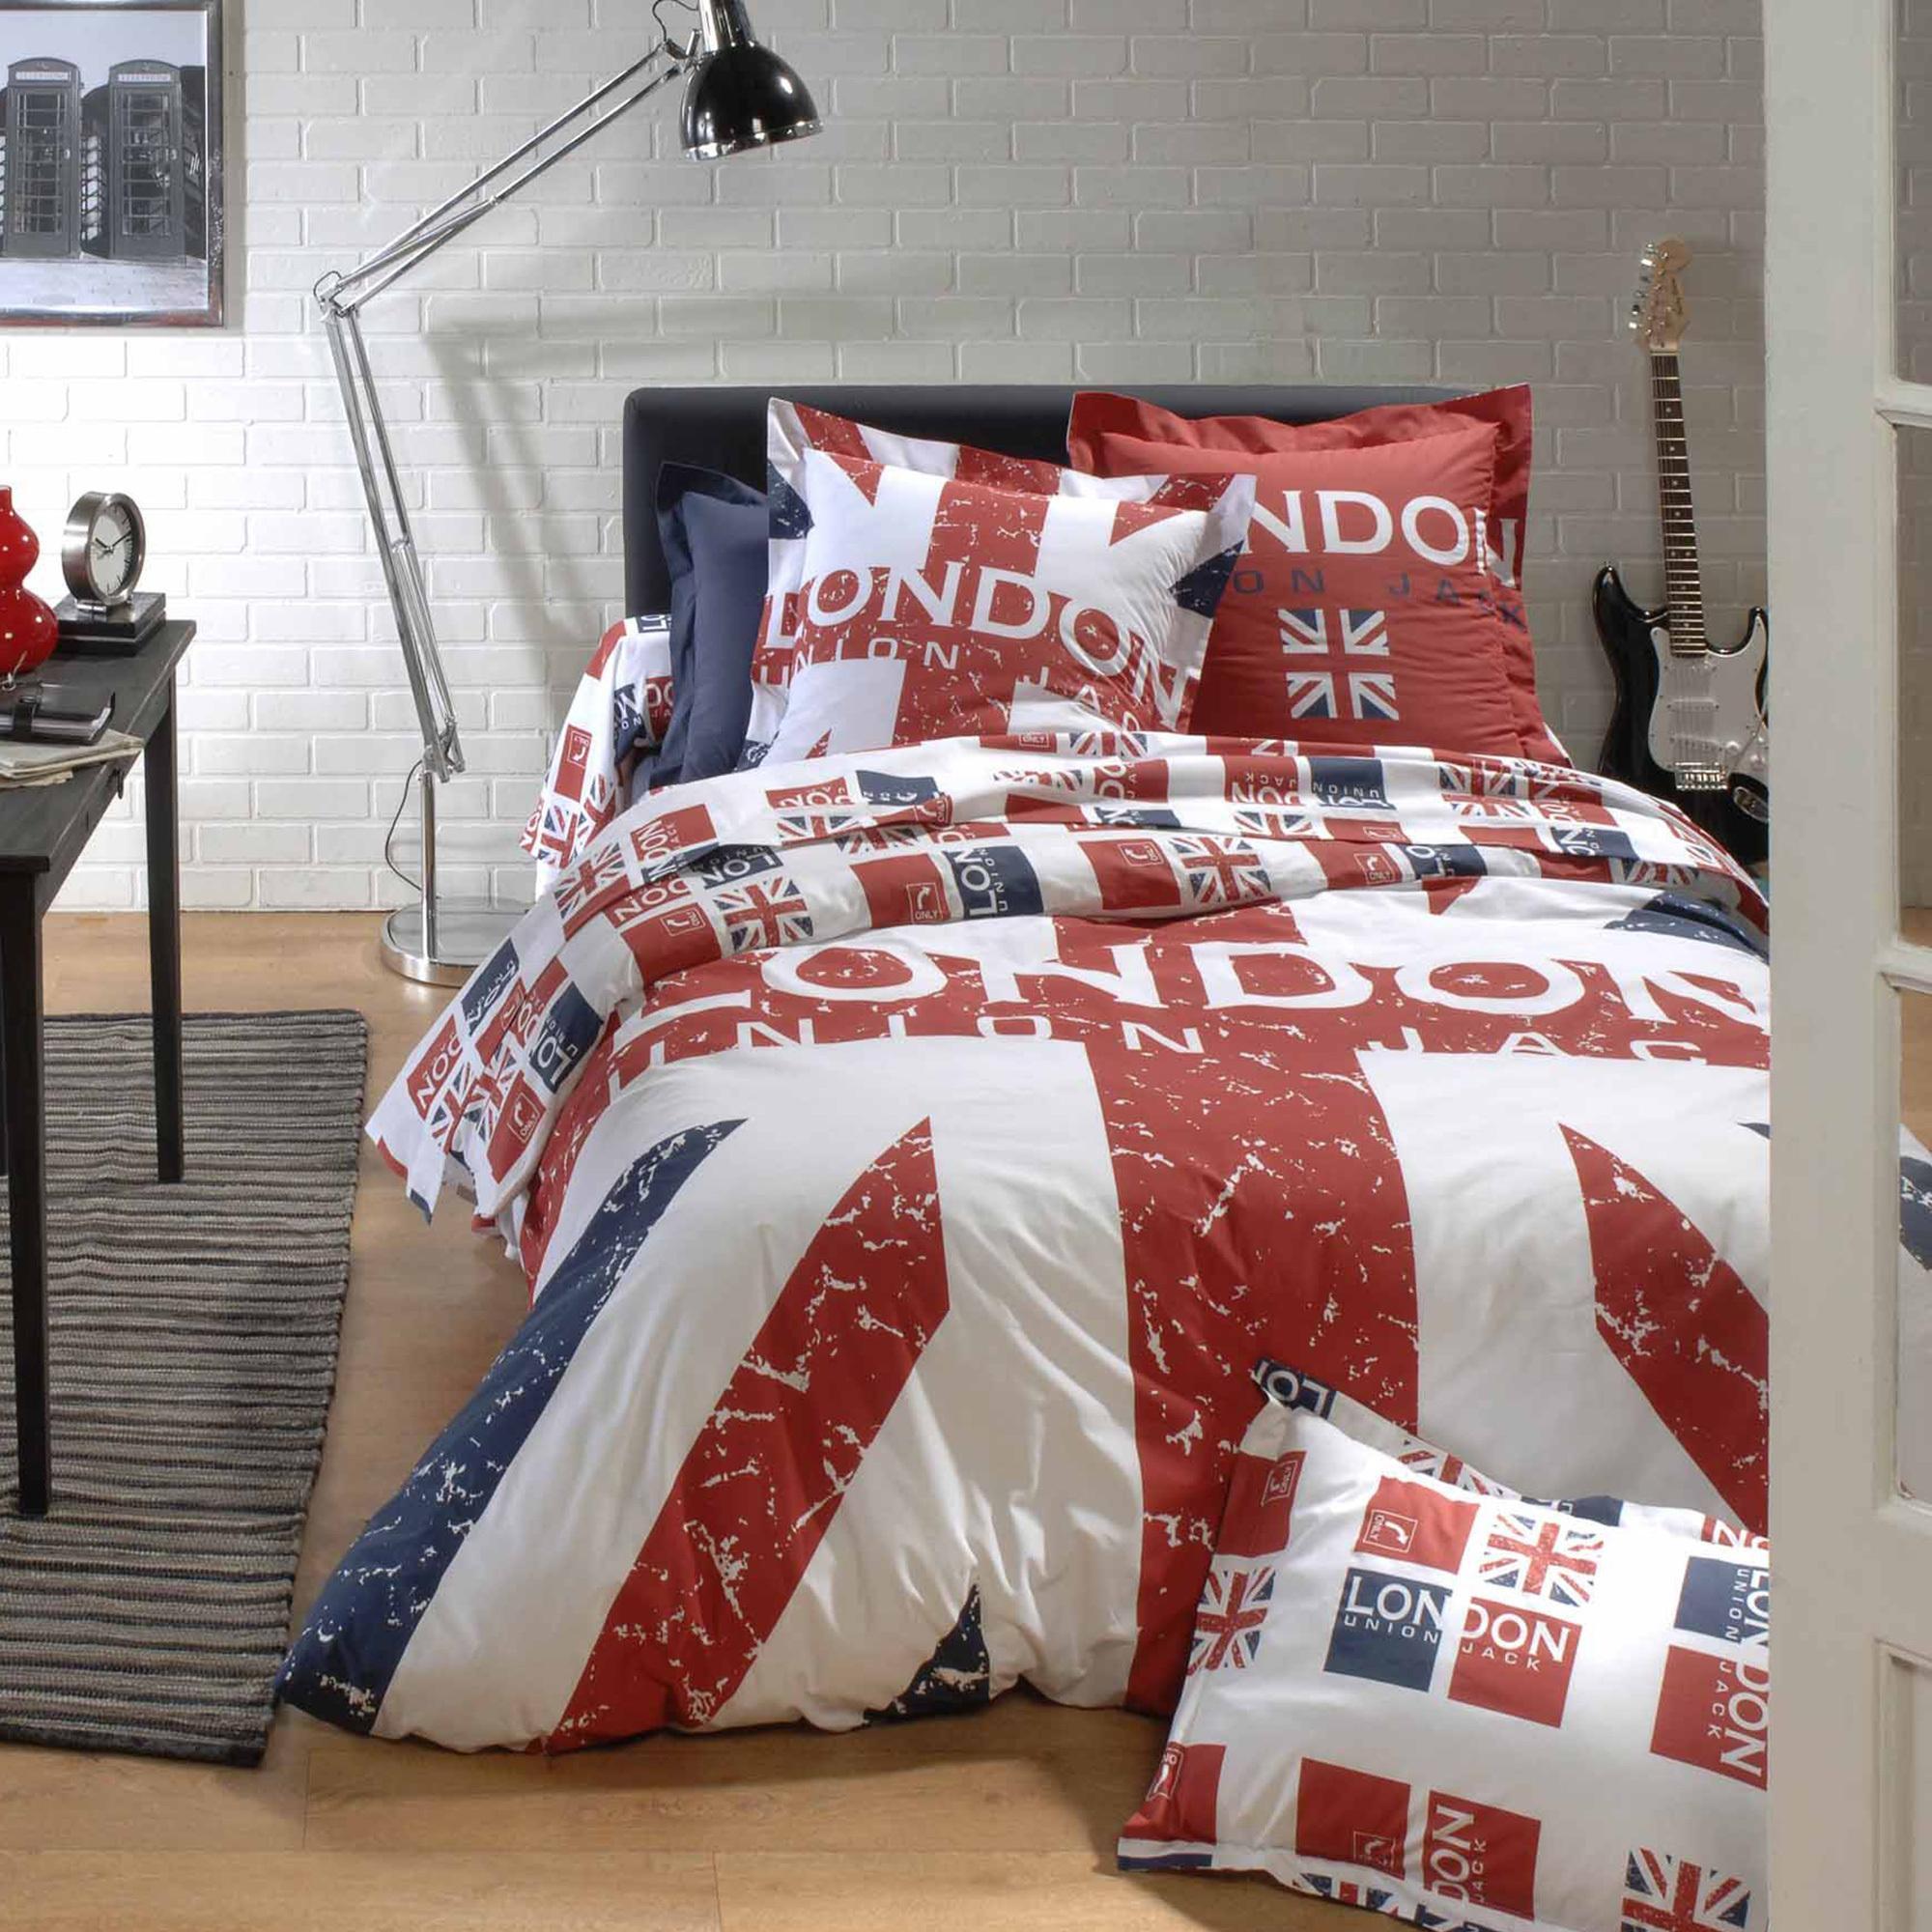 housse de couette 140x200 cm london union jack linnea vente de linge de maison. Black Bedroom Furniture Sets. Home Design Ideas